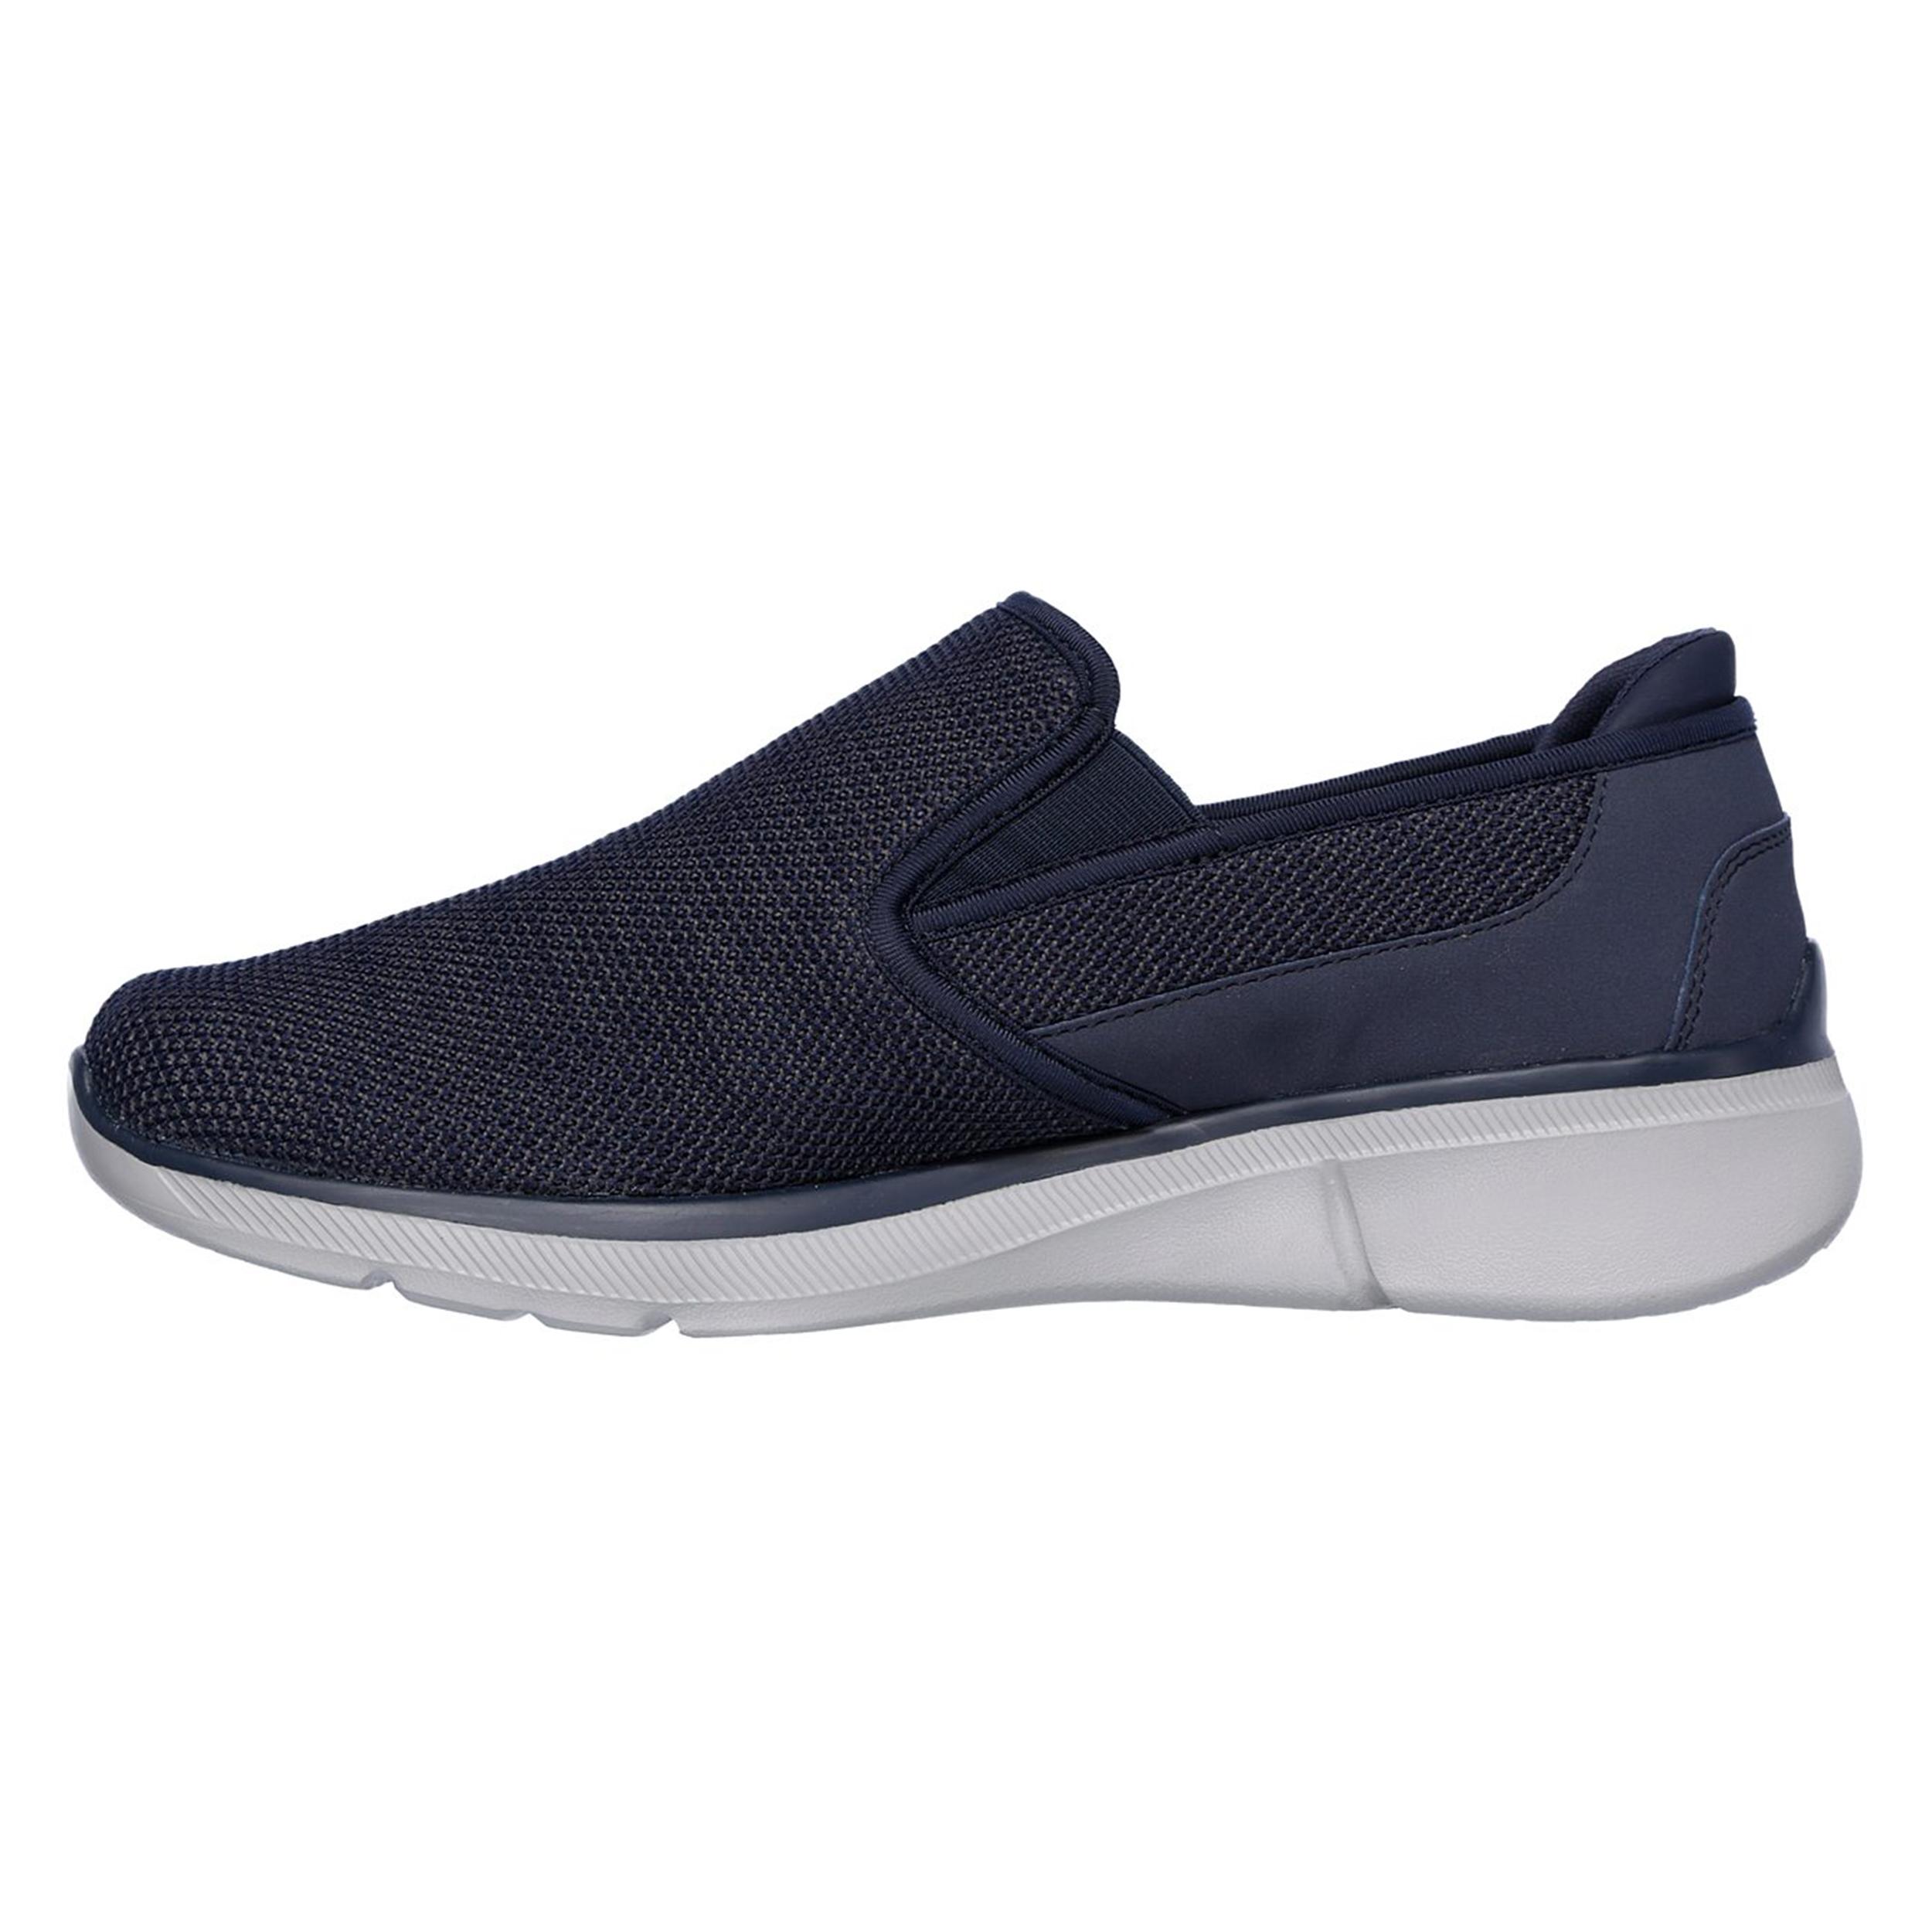 قیمت کفش مخصوص پیاده روی مردانه اسکچرز مدل  MIRACLR 52937NVY